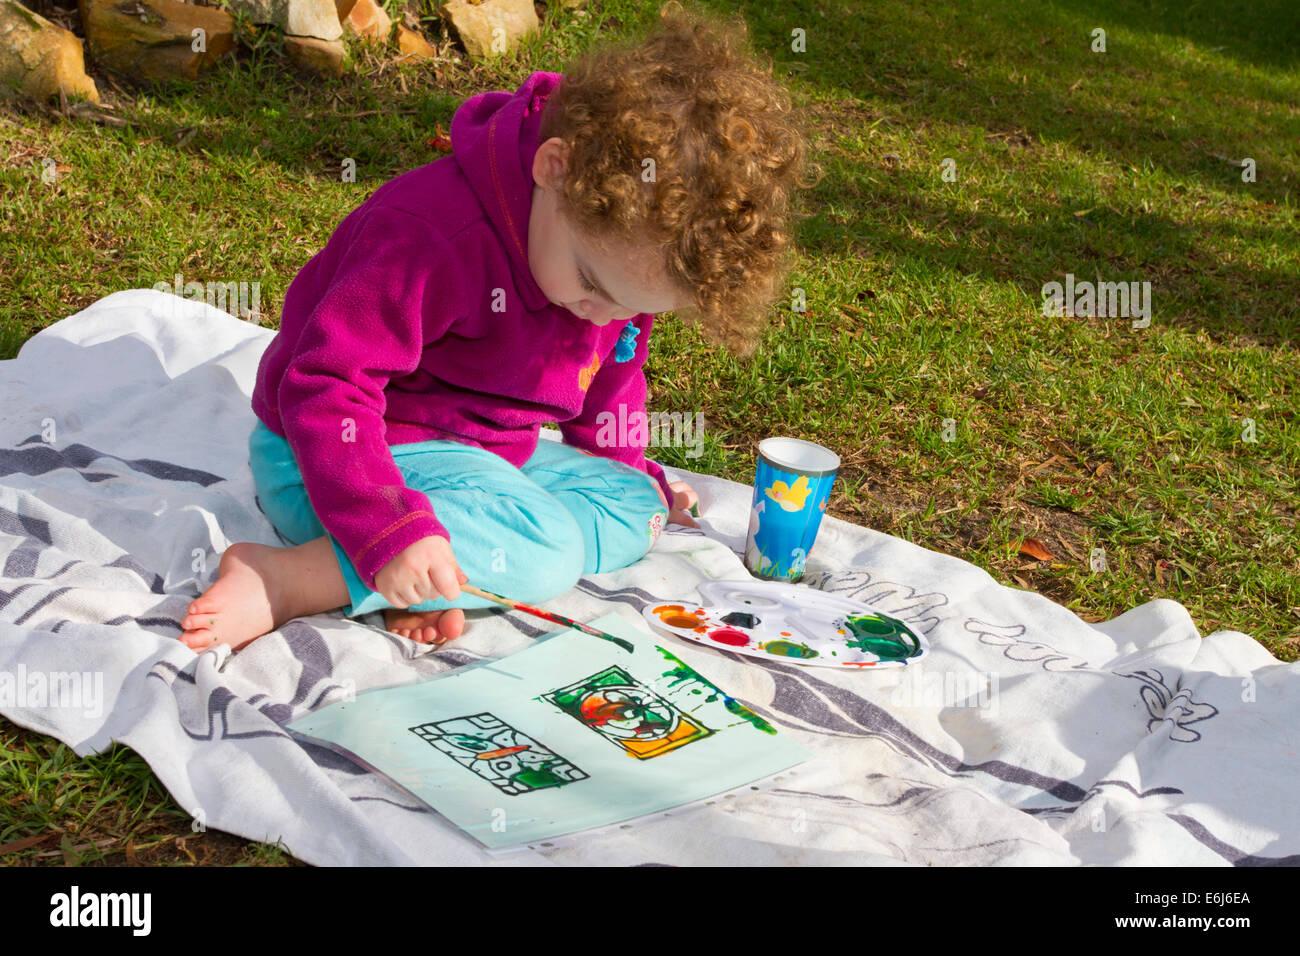 junge dreijährige malen im freien Stockfoto